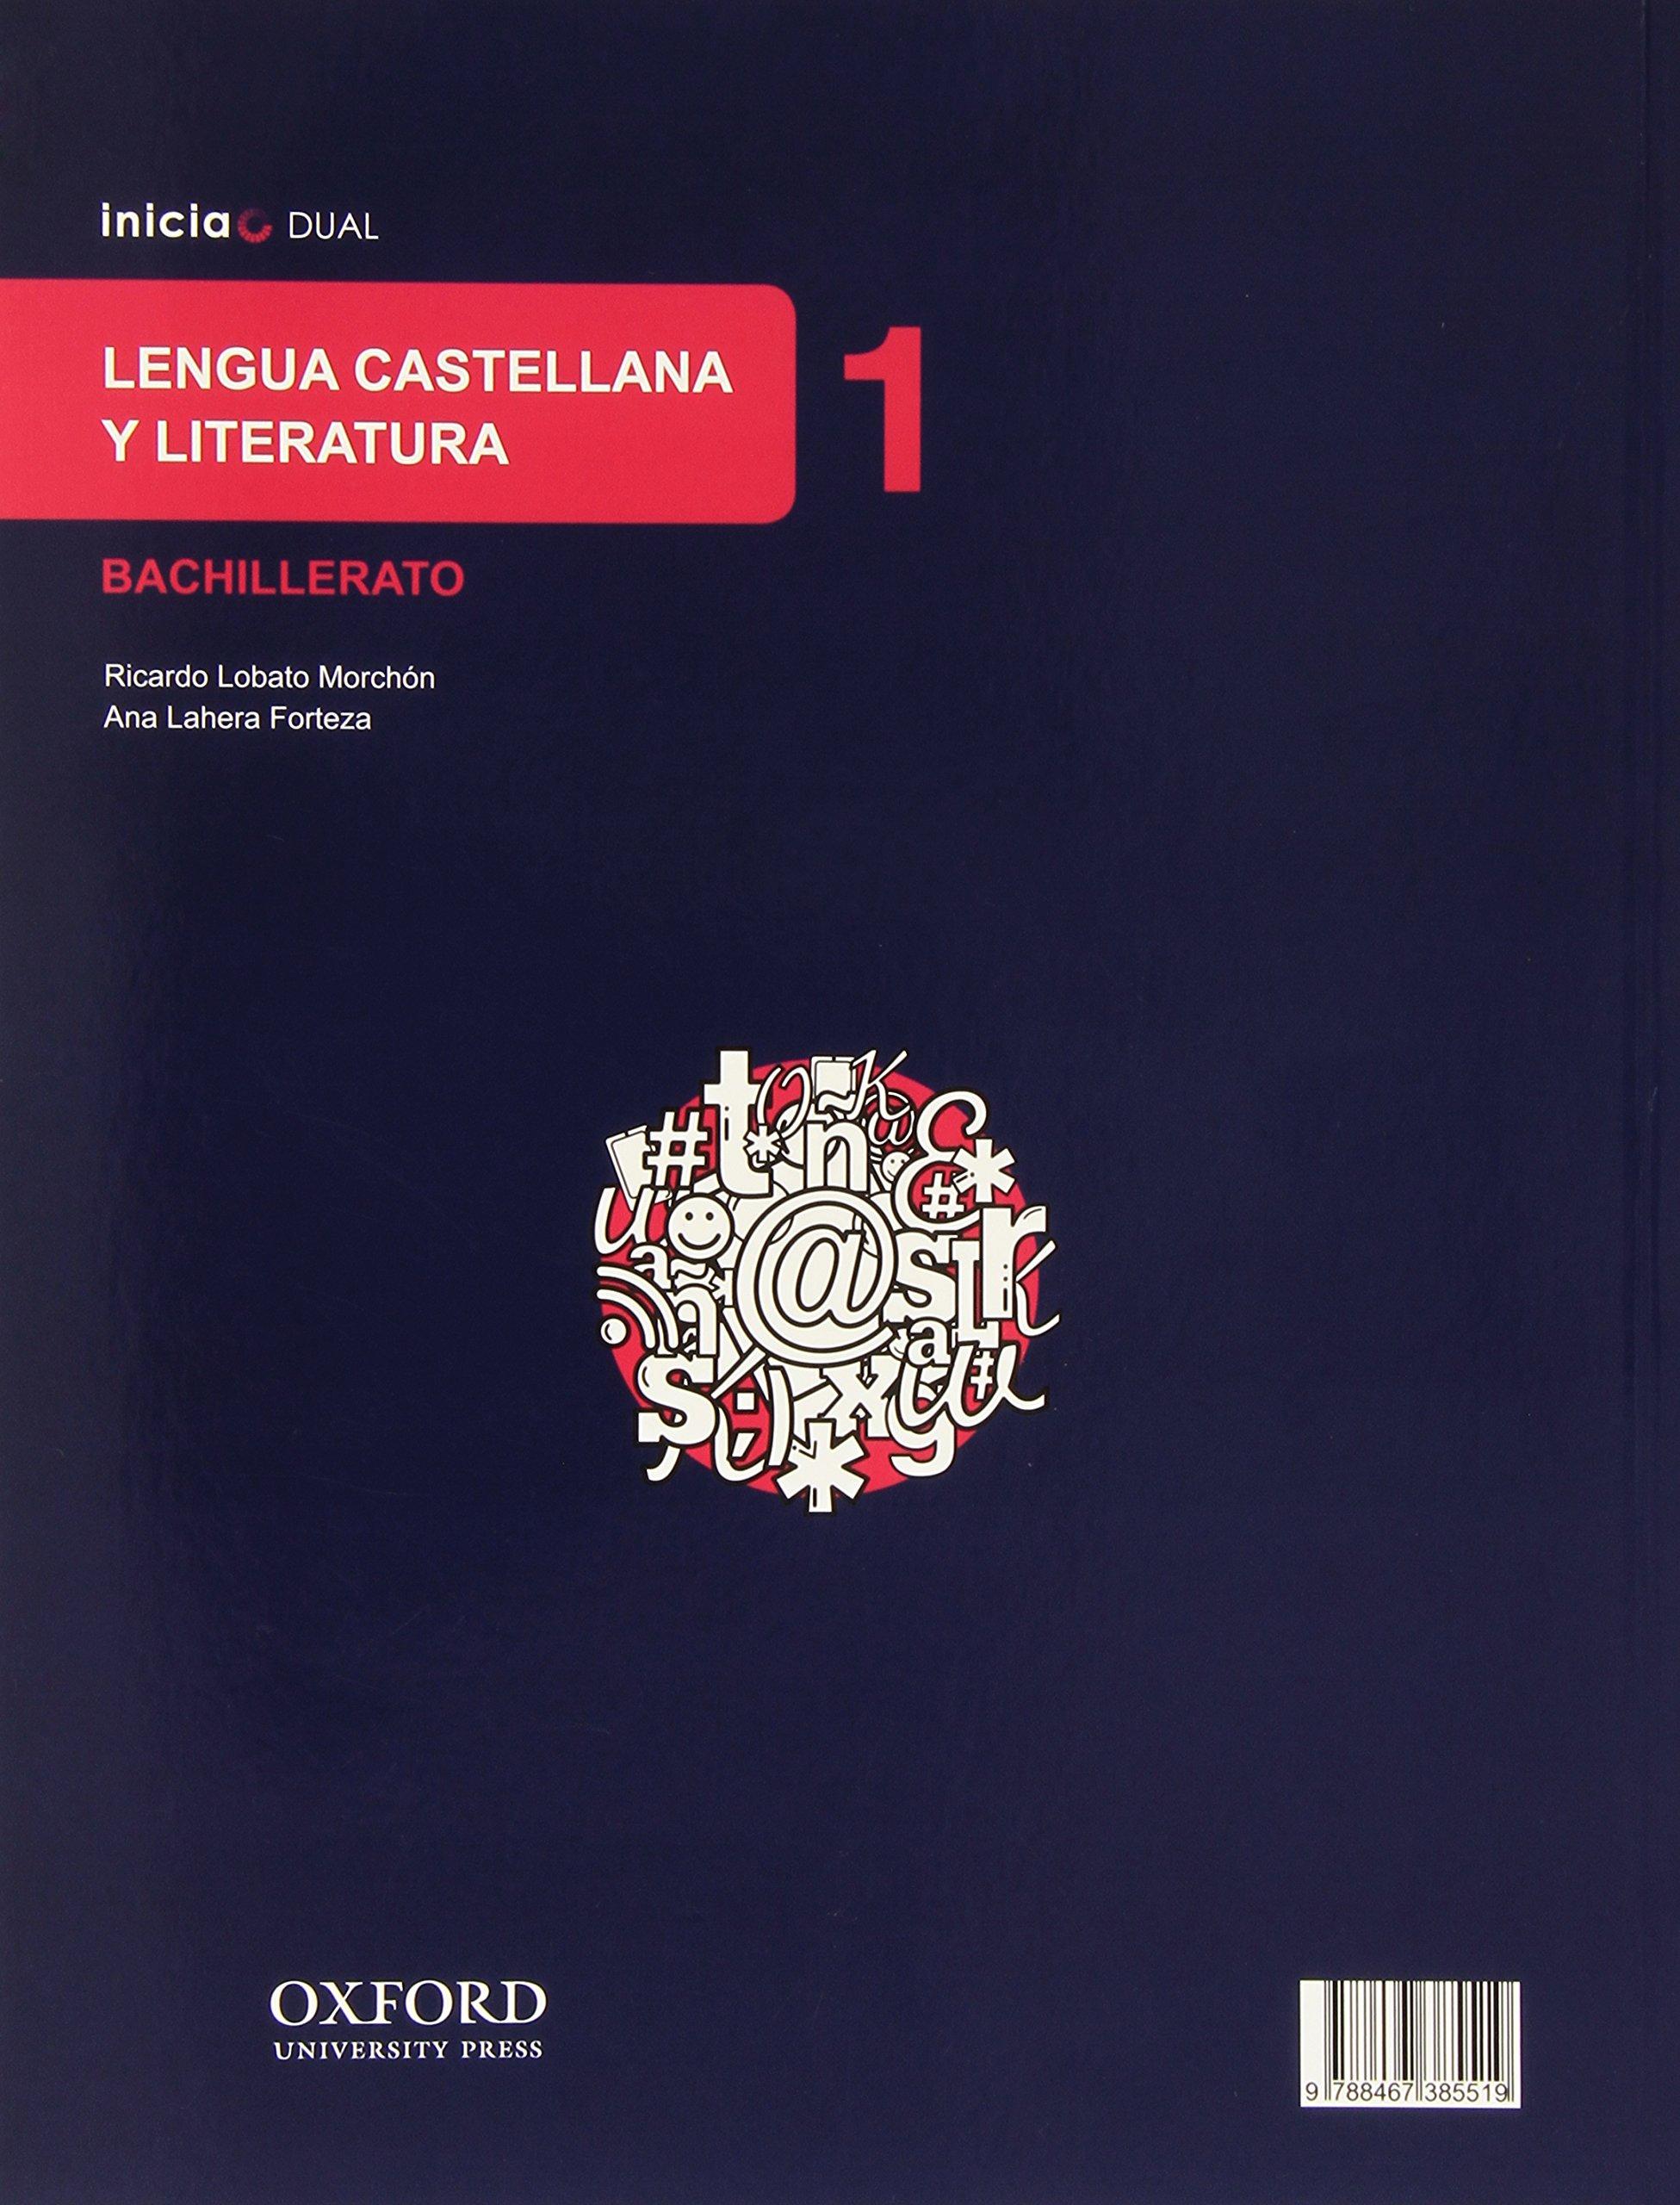 Lengua castellana y literatura : 1 bachillerato : inicia dual : libro del  alumno: Amazon.co.uk: Varios autores: 9788467385519: Books